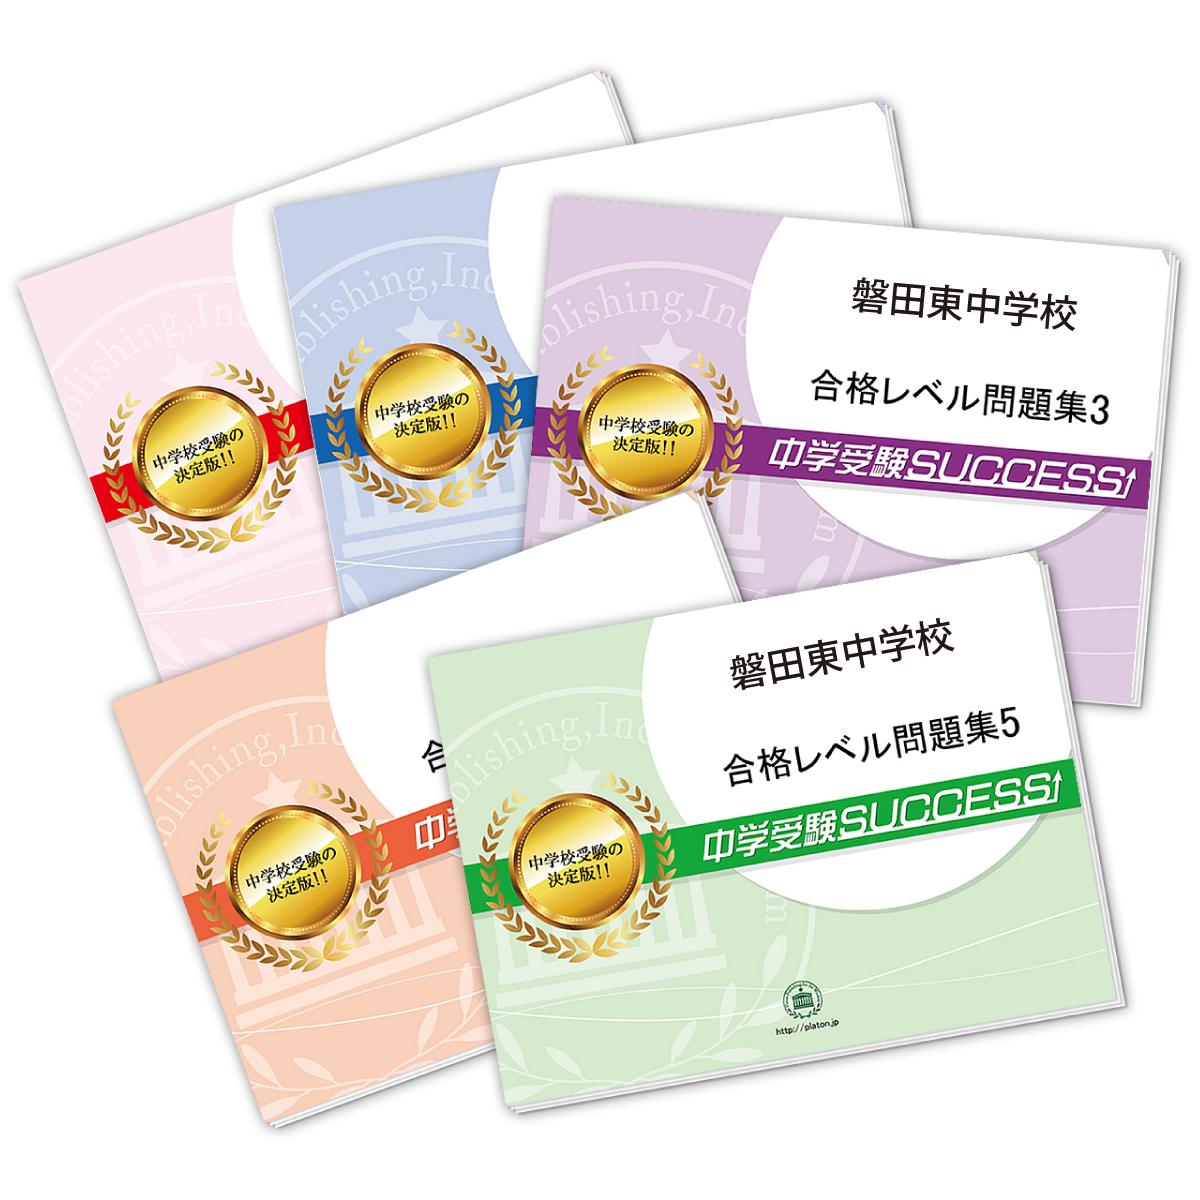 【送料・代引手数料無料】磐田東中学校・直前対策合格セット(5冊)